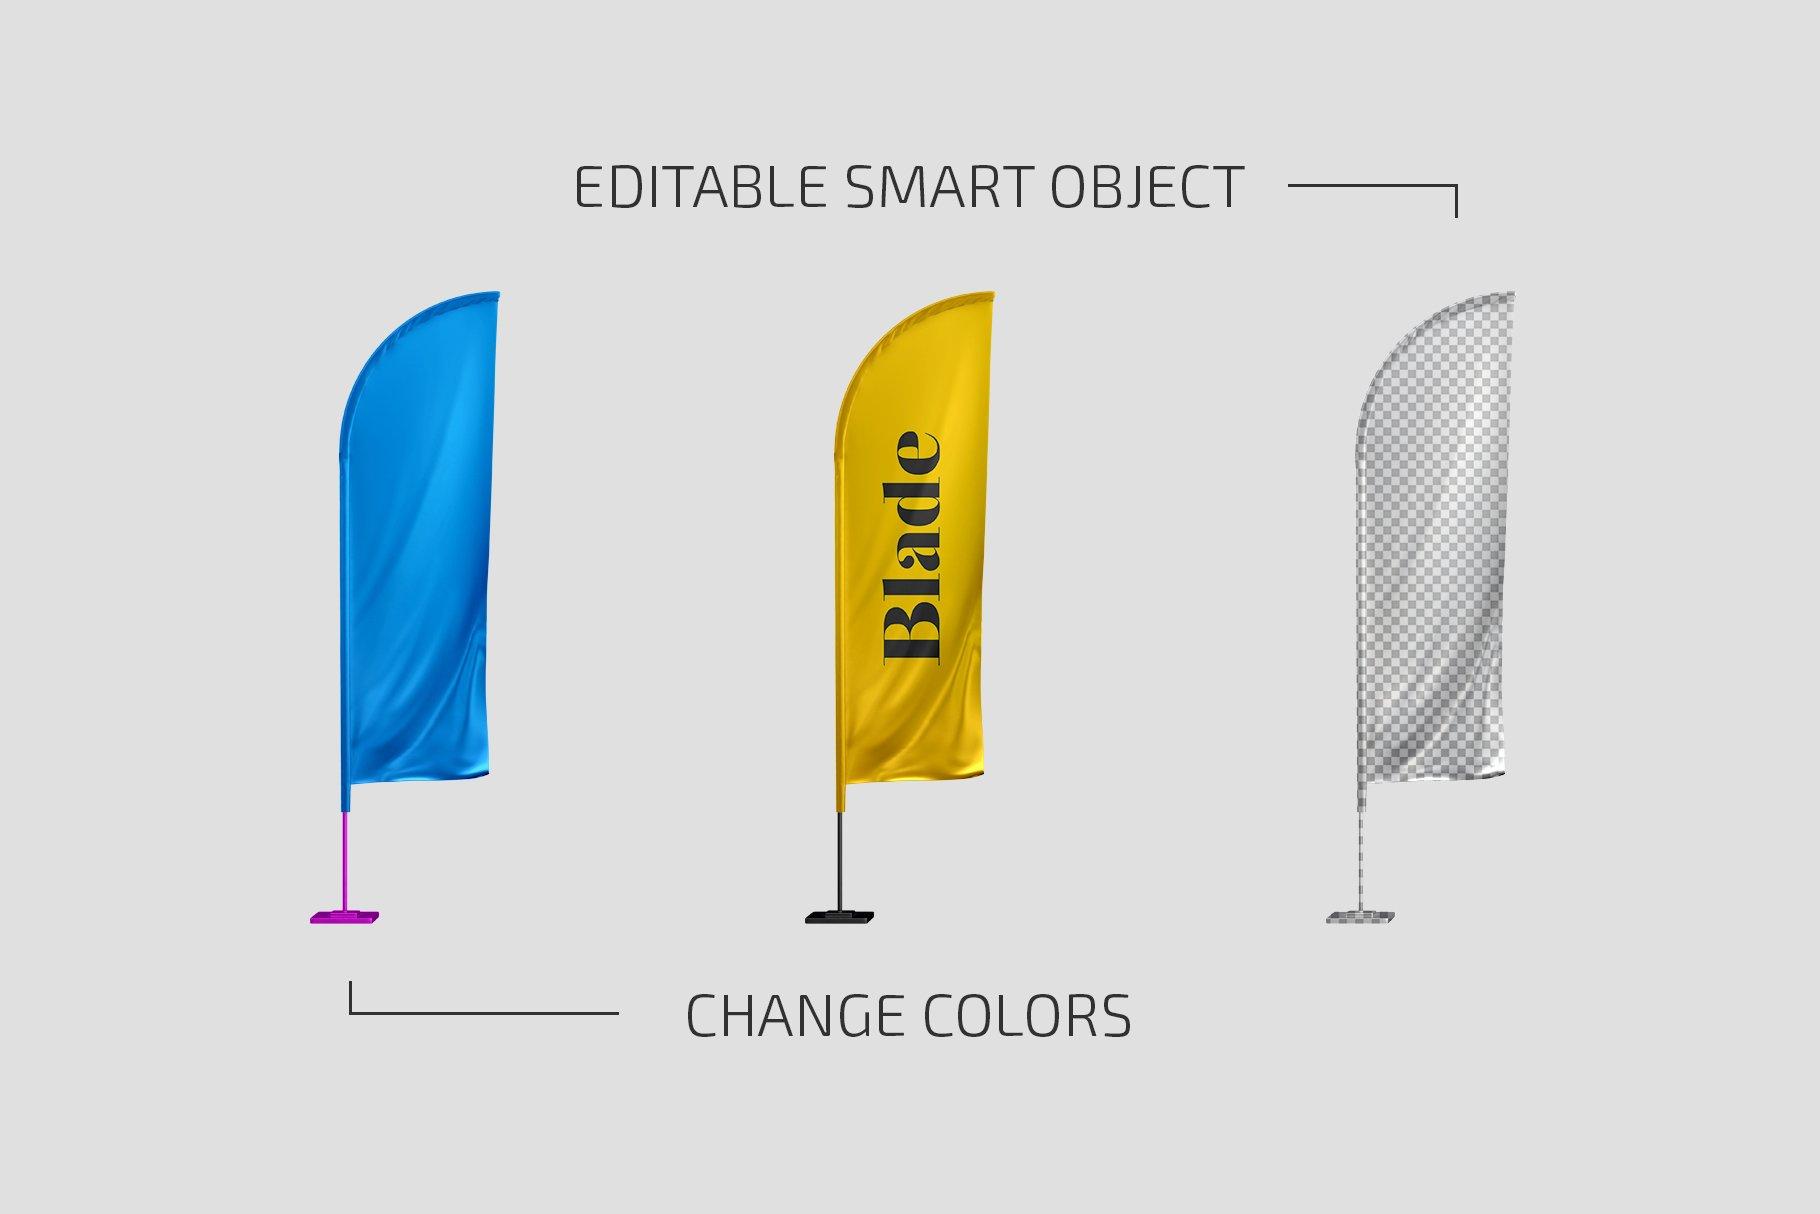 羽毛旗帜设计展示贴图样机模板合集 Feather Flags Mockup Set插图1